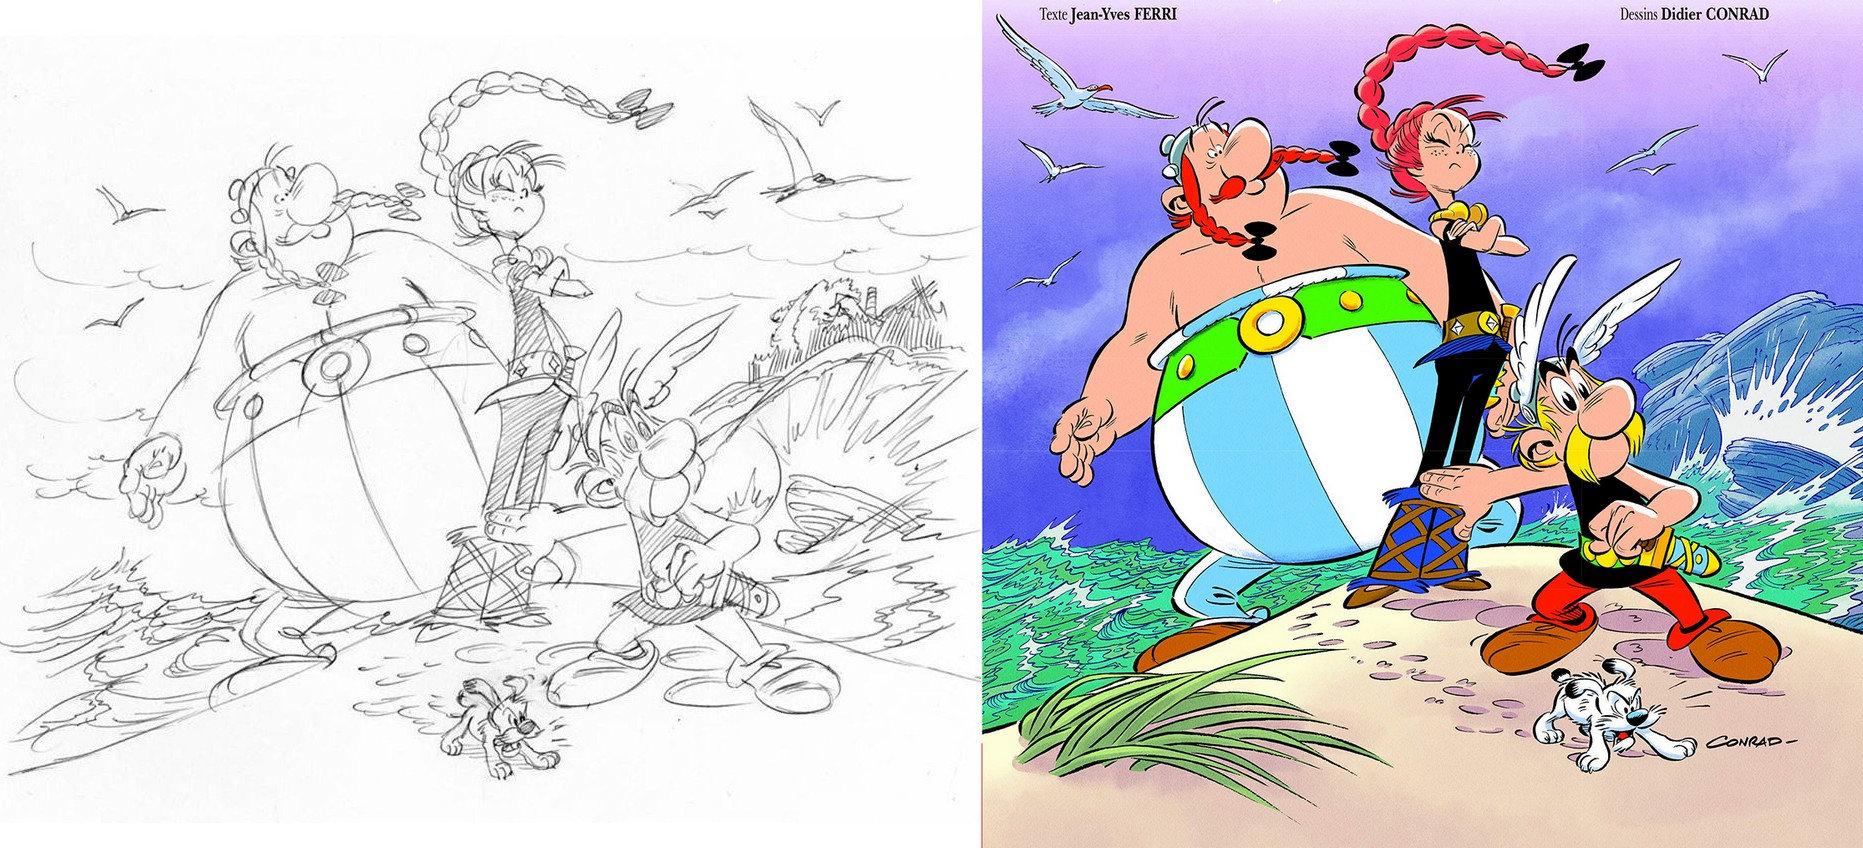 Crayonné de la couverture et visuel définitif (Astérix® - Obélix® - Idéfix® / © 2019 Les Éditions Albert René)